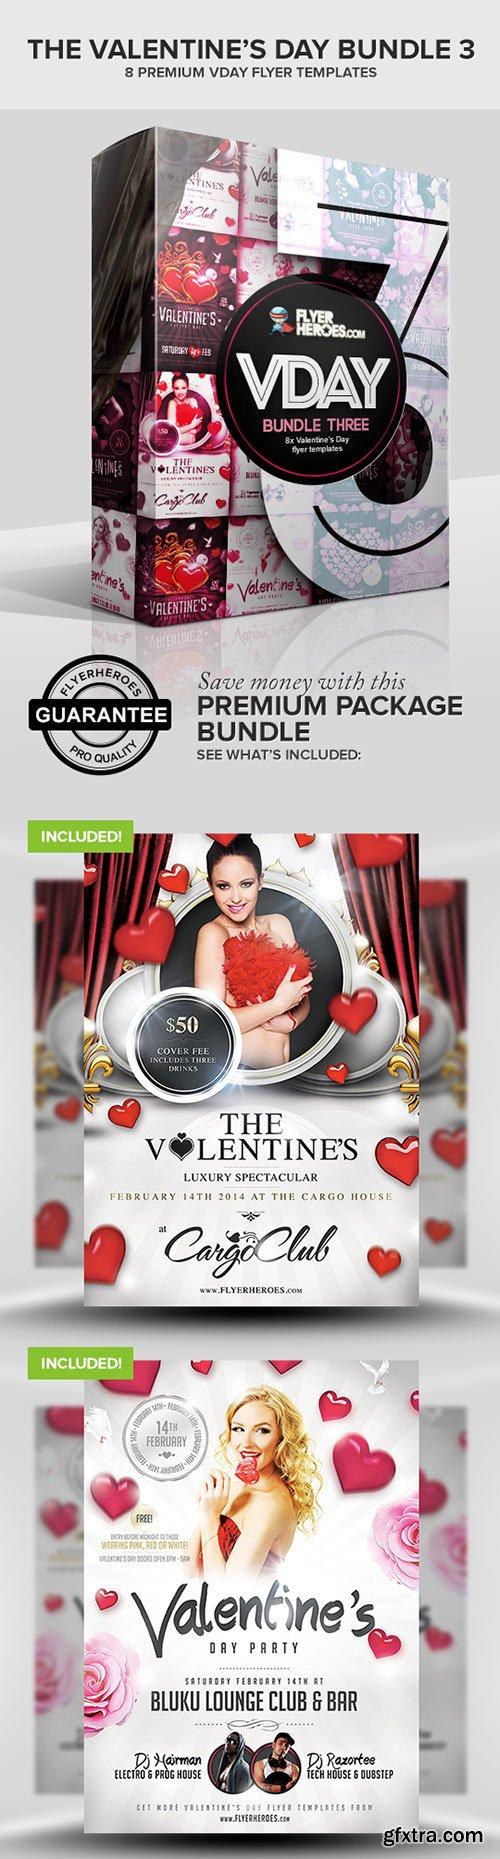 Valentine's Day Bundle 3